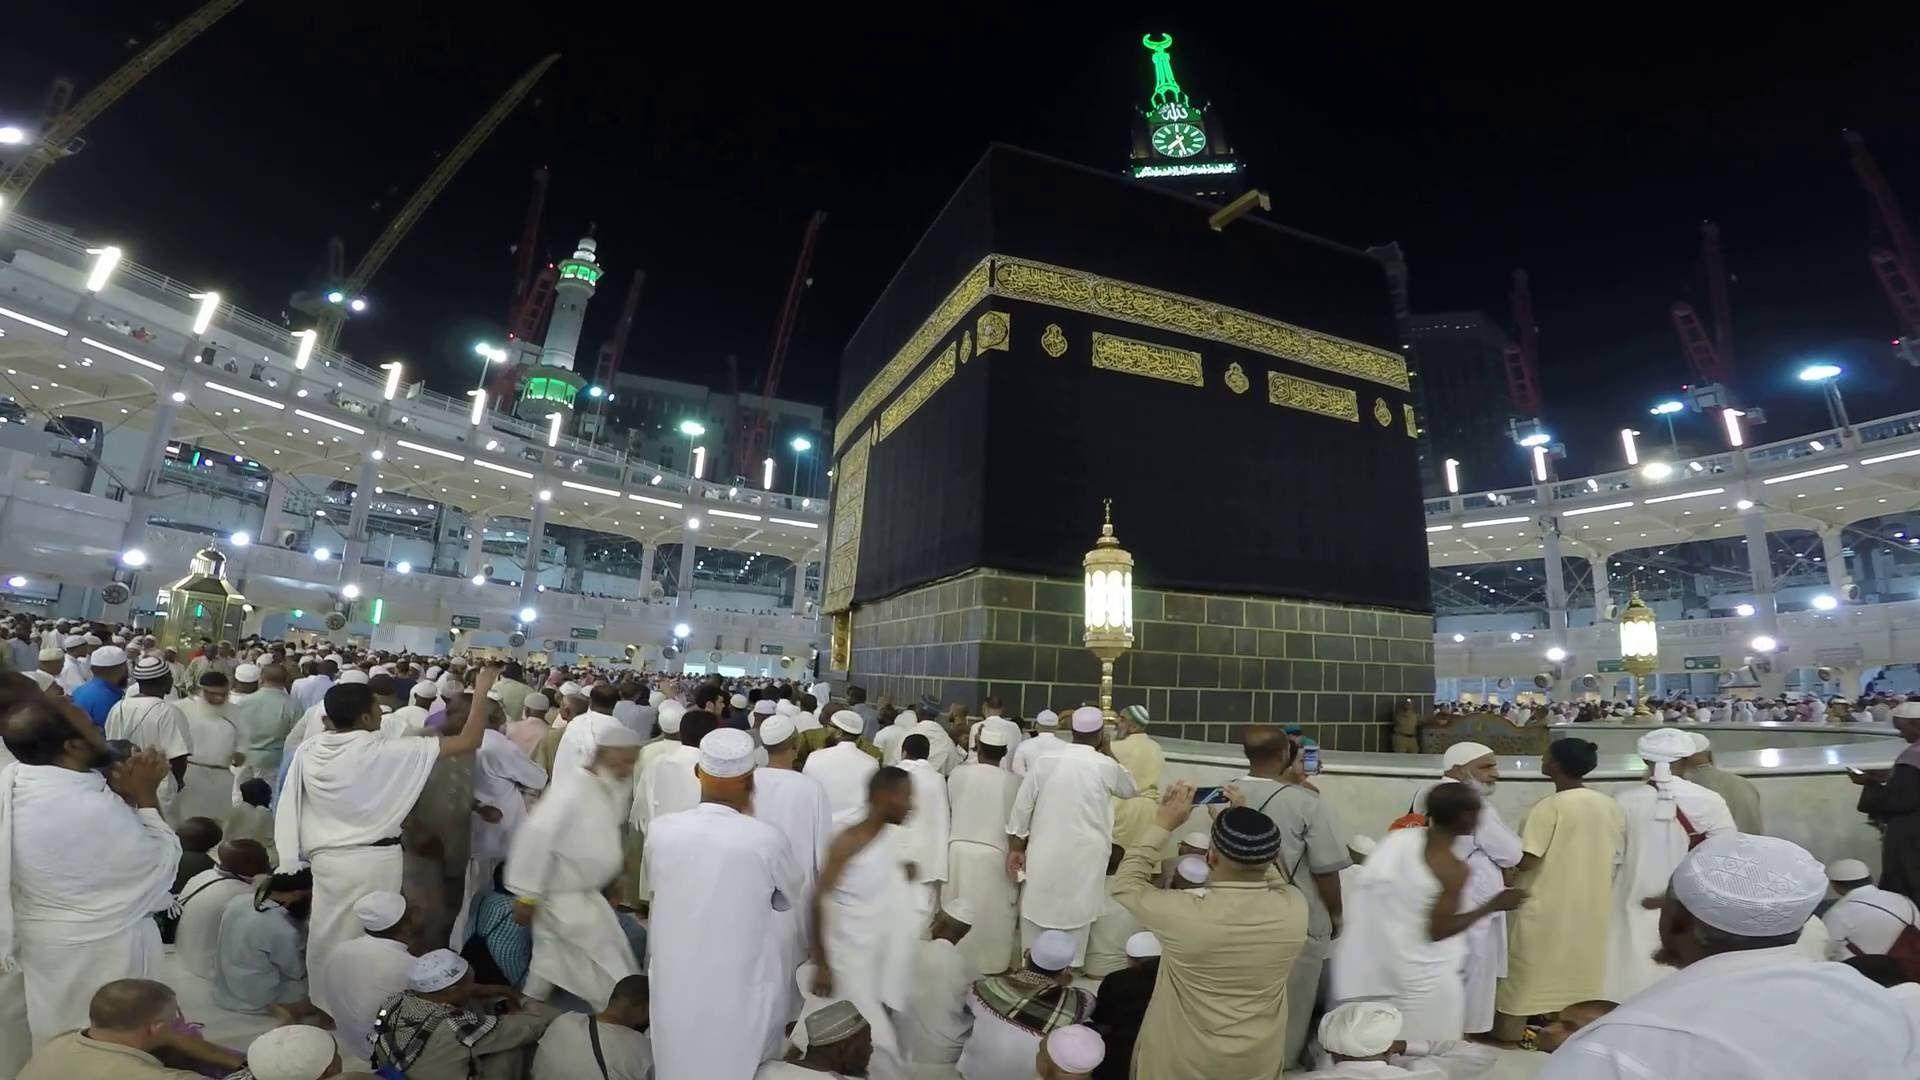 نتيجة بحث الصور عن صور مكة المكرمة تصوير جوي 4k Hd Abu